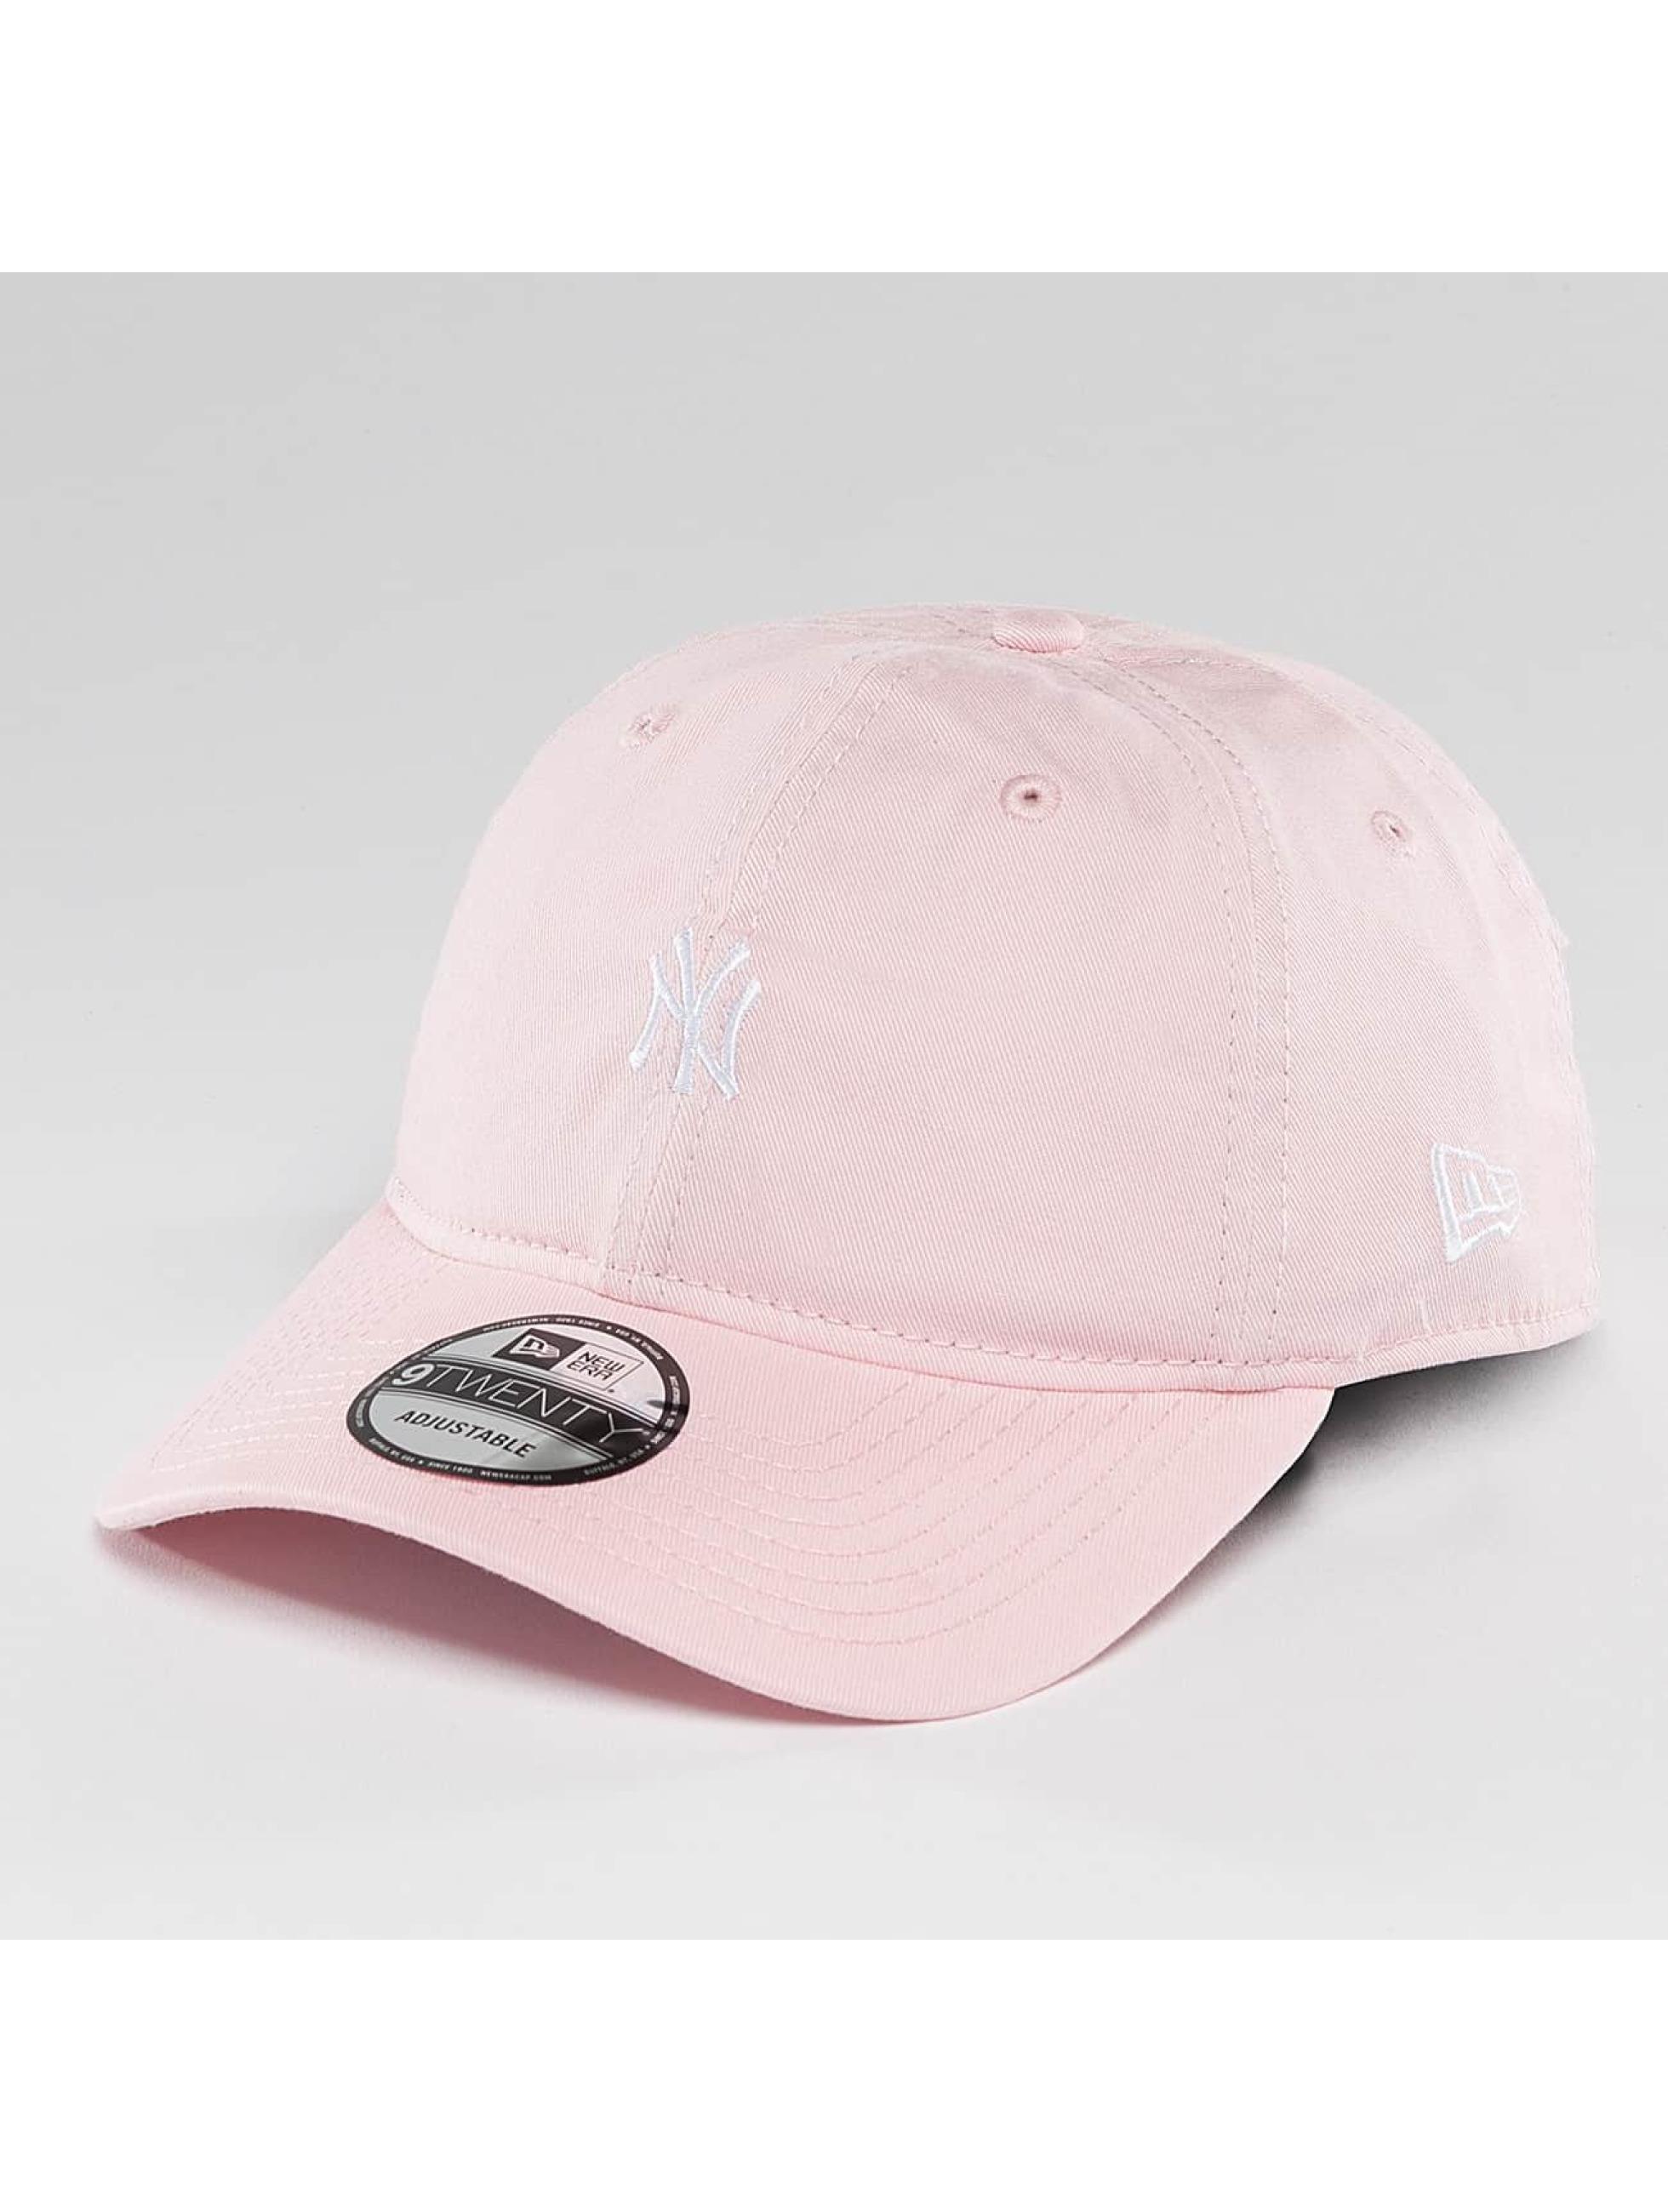 New Era Gorra Snapback Pastel Micro NY Yankees 9Twenty rosa